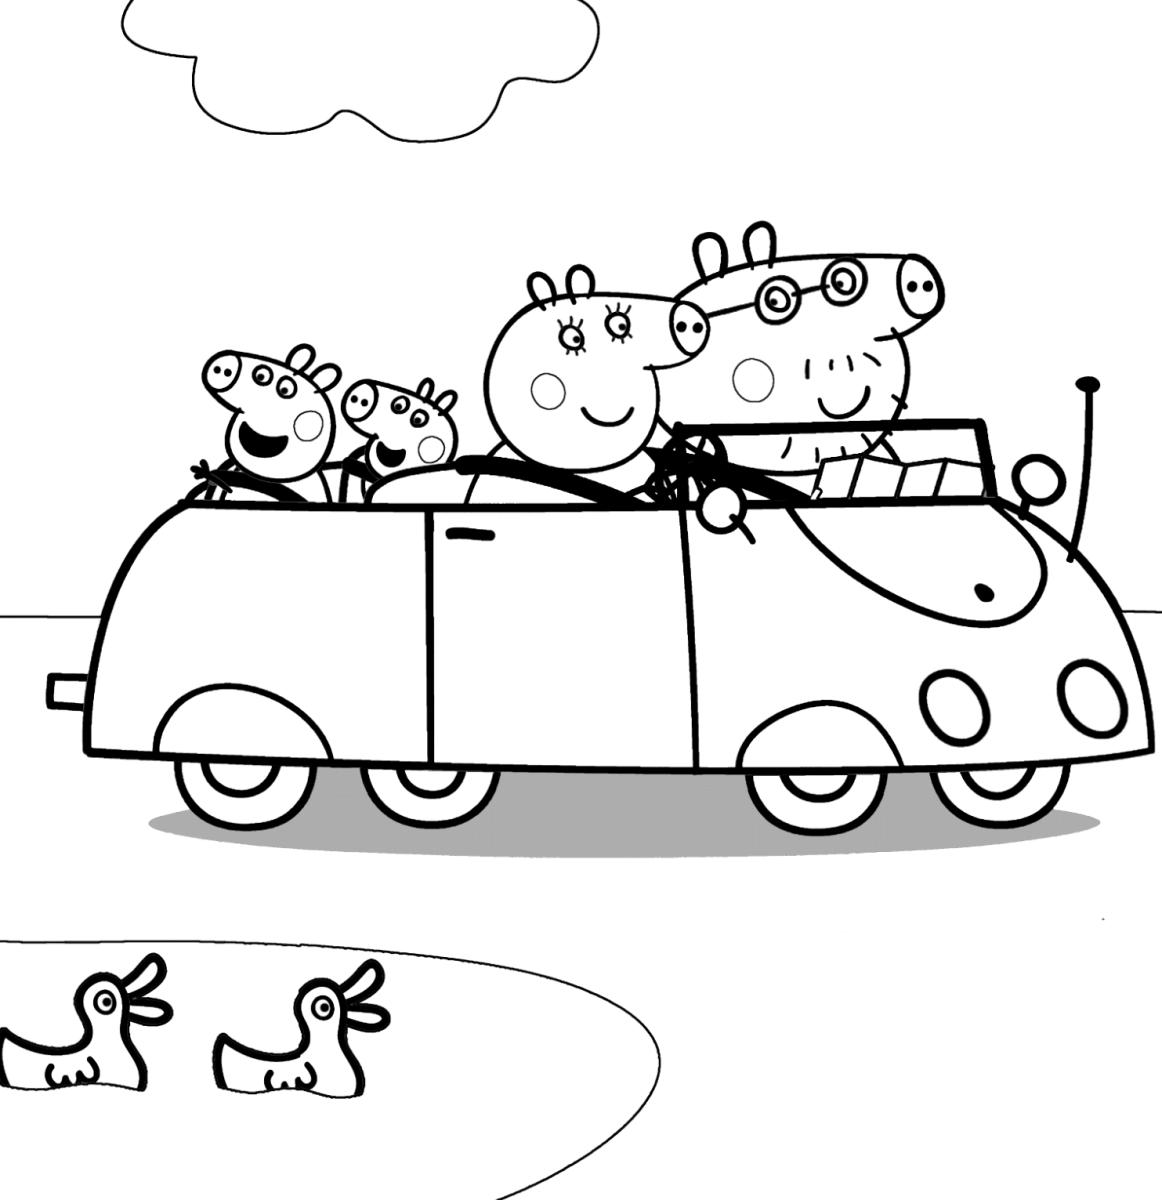 Свинка Пеппа Семья В Машине | Папины Сказки - скачать ...